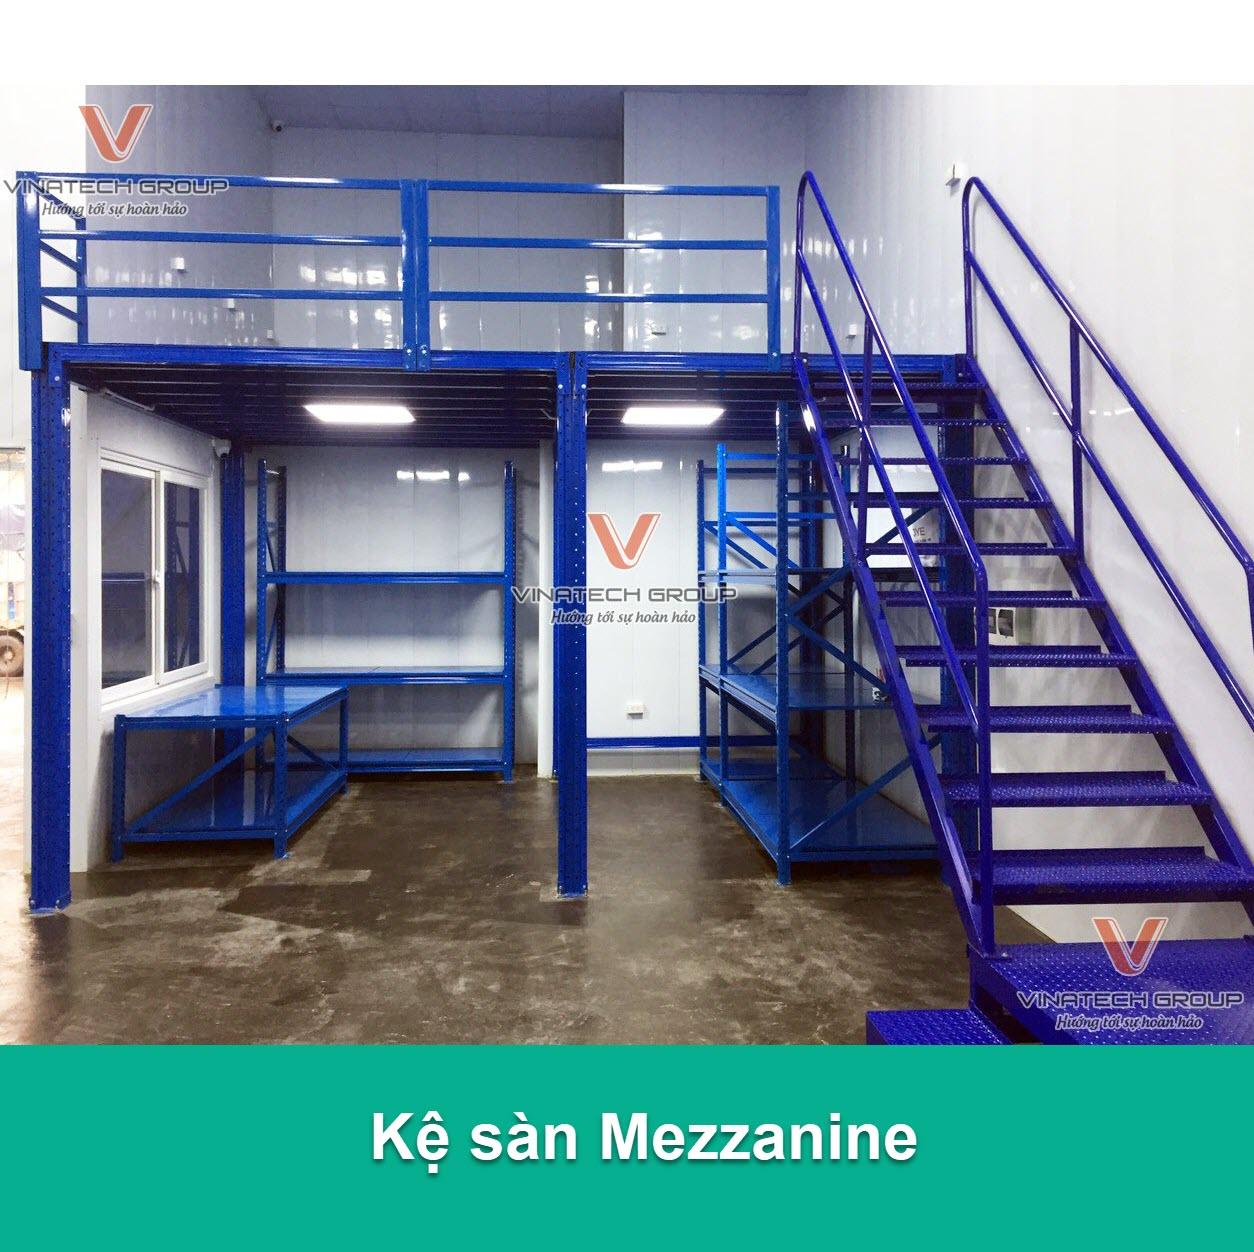 Kệ sàn Mezzanine sử dụng làm sàn tầng lửng trong kho